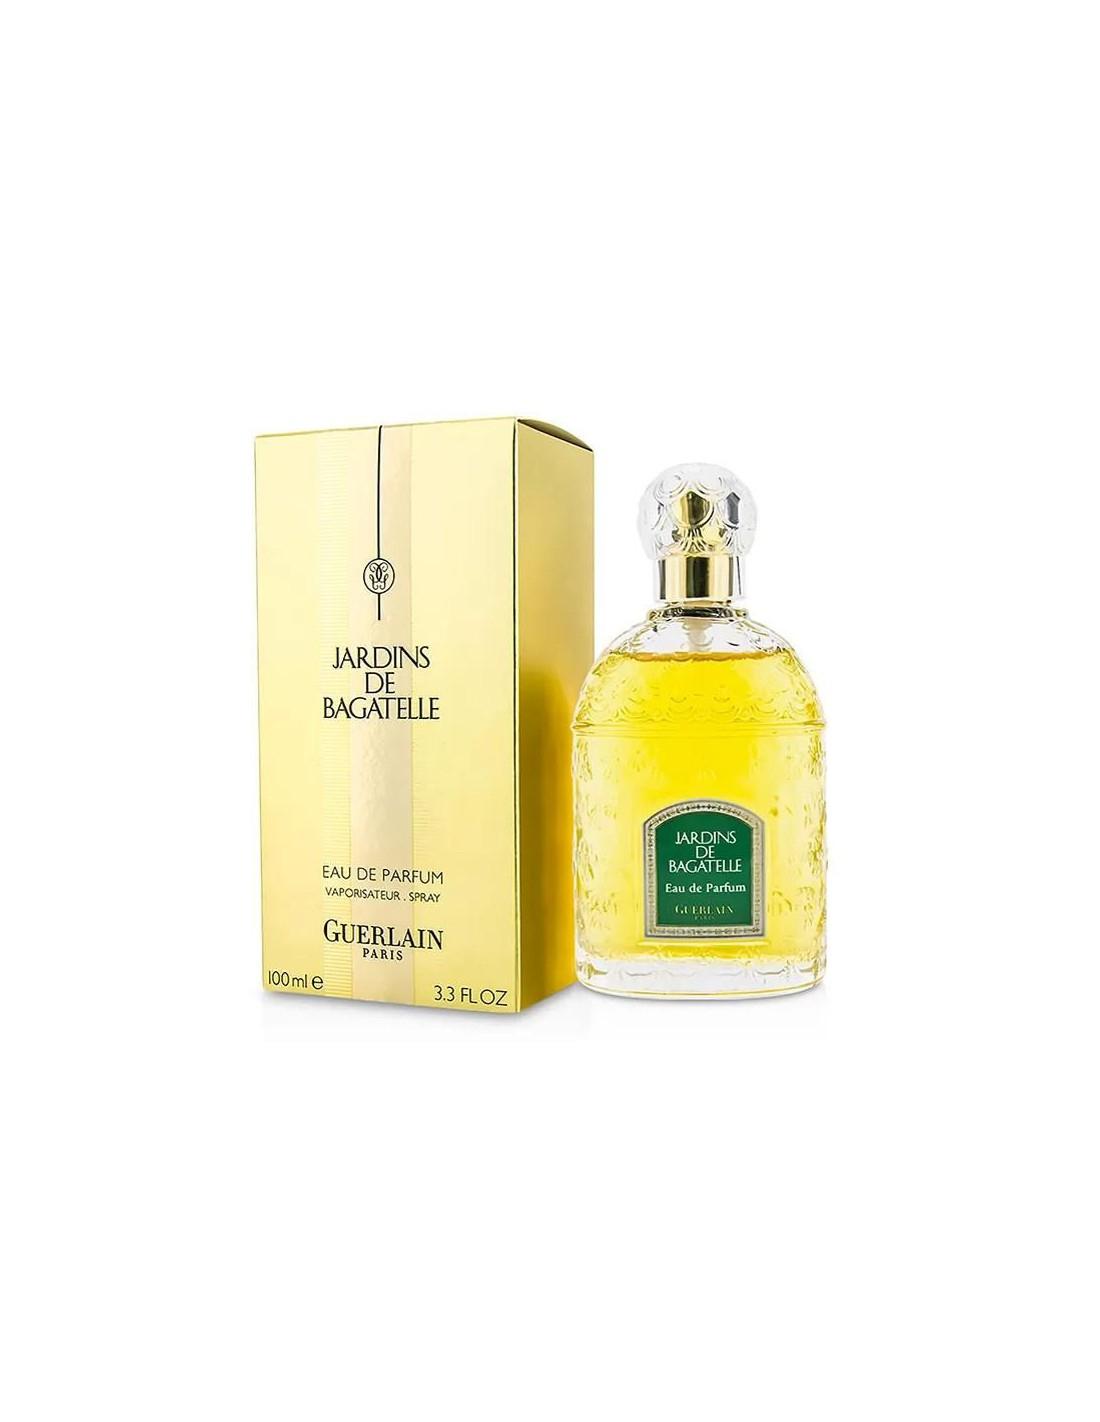 Guerlain Jardins De Bagatelle For Women - Eau De Parfum Spray, 100 Ml tout Jardin De Bagatelle Parfum